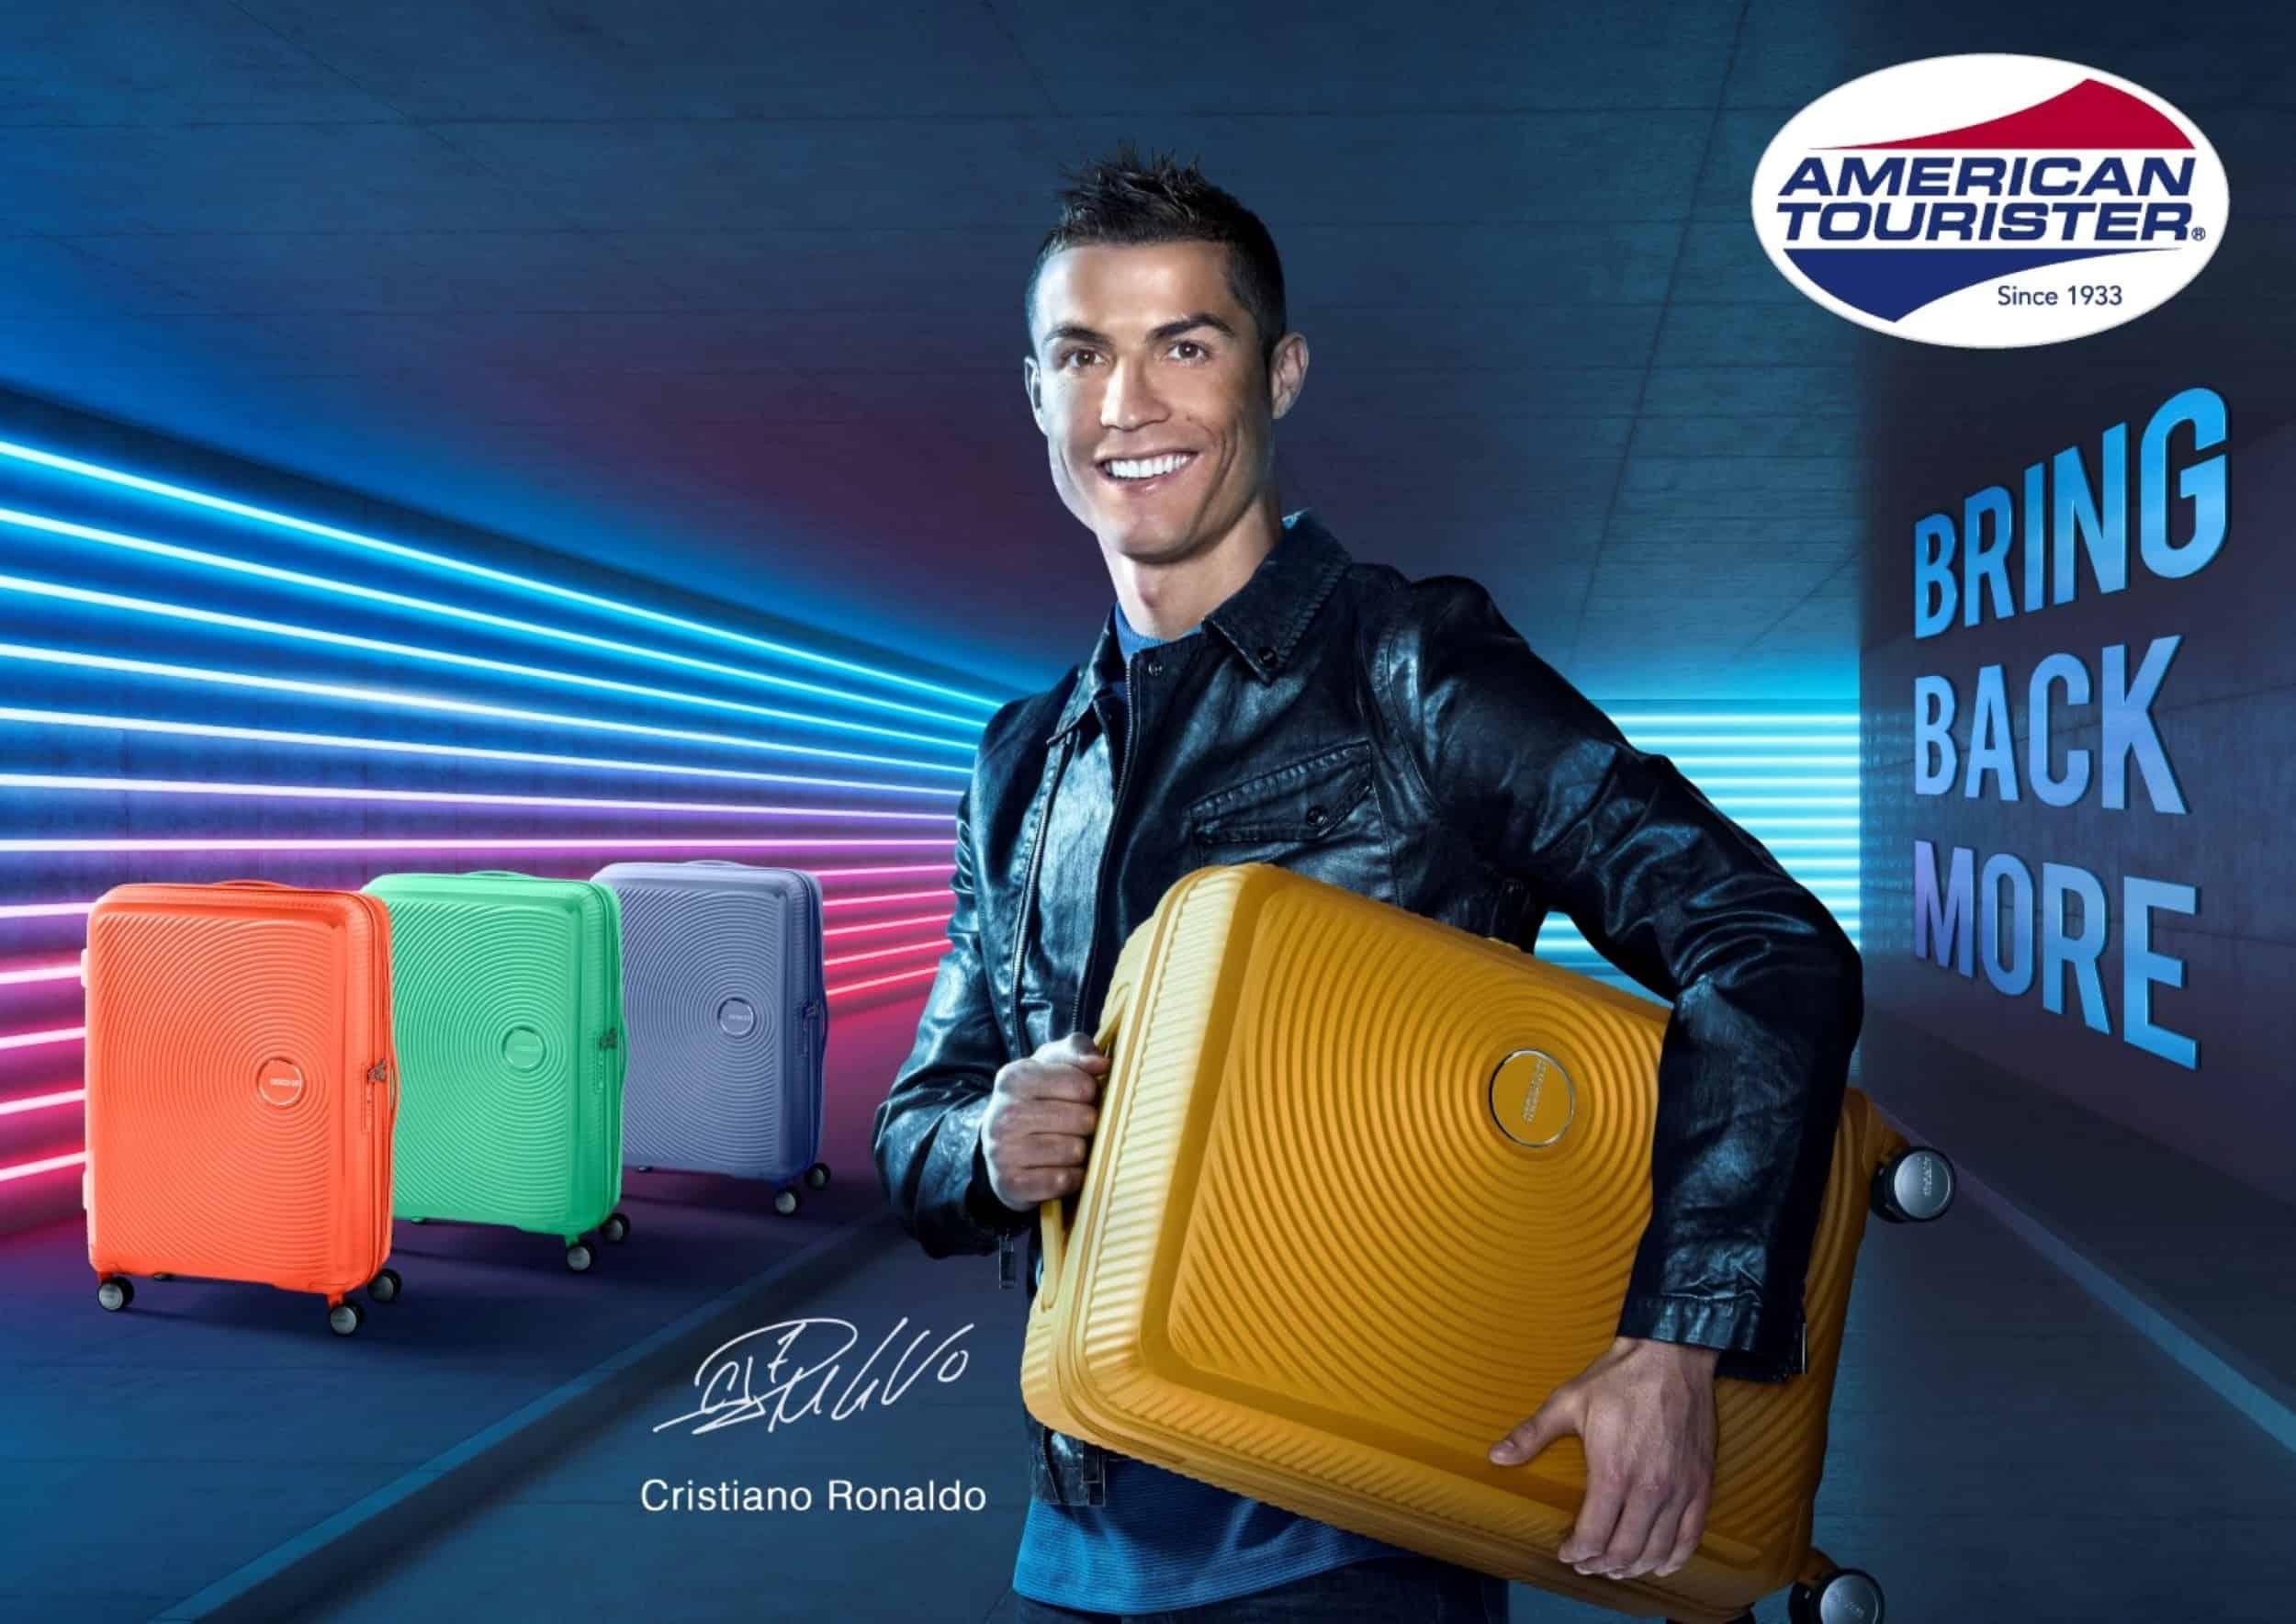 כריסטיאנו רונאלדו שגריר חברת אמריקן טוריסטר מבית סמסונייט קיץ 2018 עם סדרת המזוודות SOUNDBOX צילום יחצ (1)